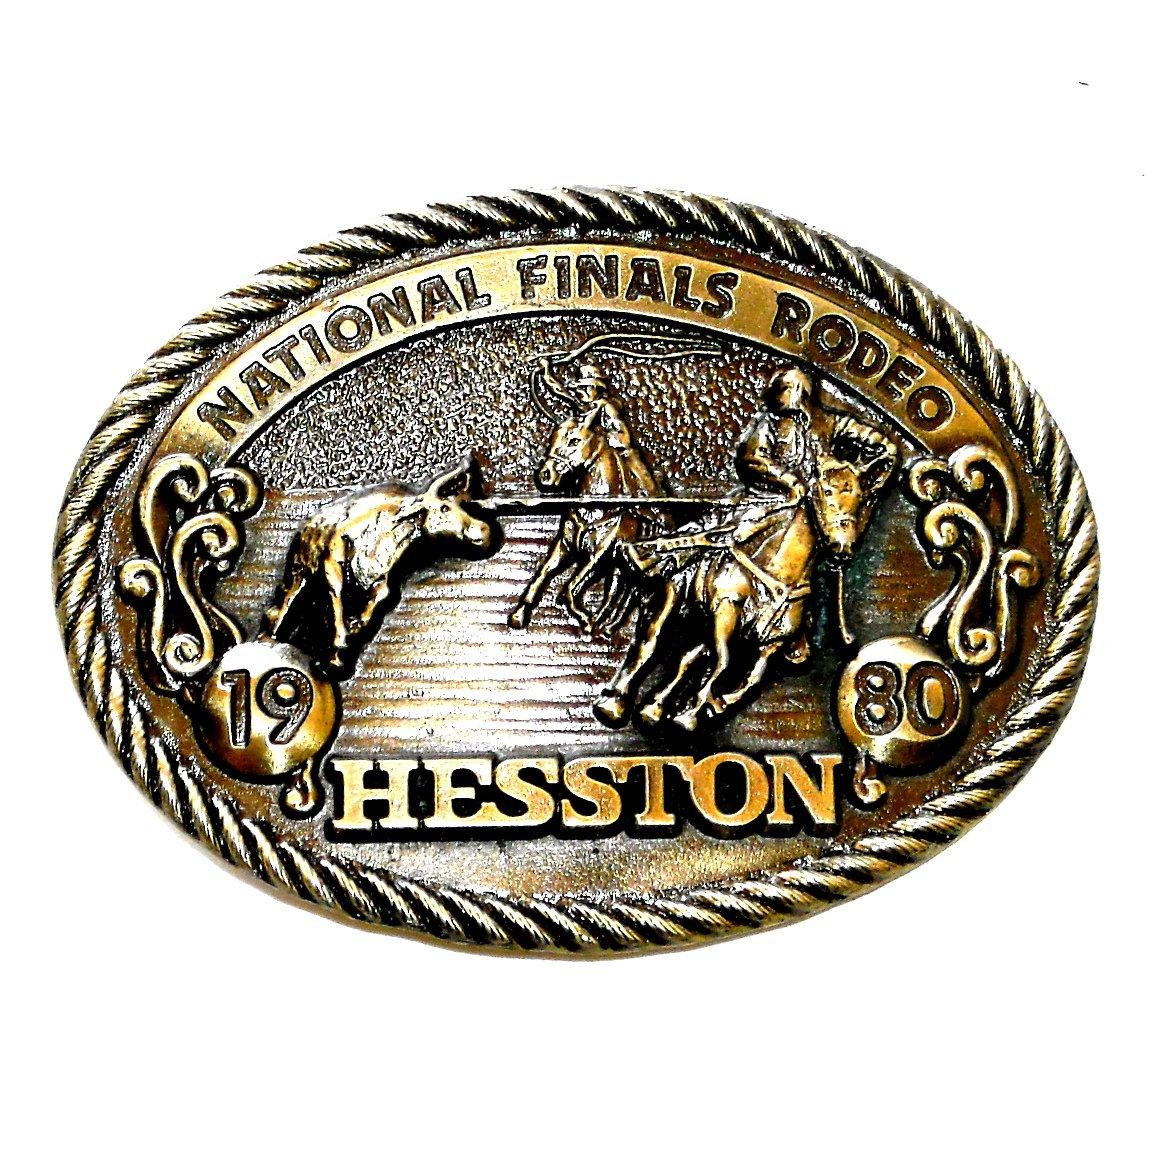 Cowboy Calf Roper NFR Hesston 1980 Rodeo Brass NOS Belt Buckle